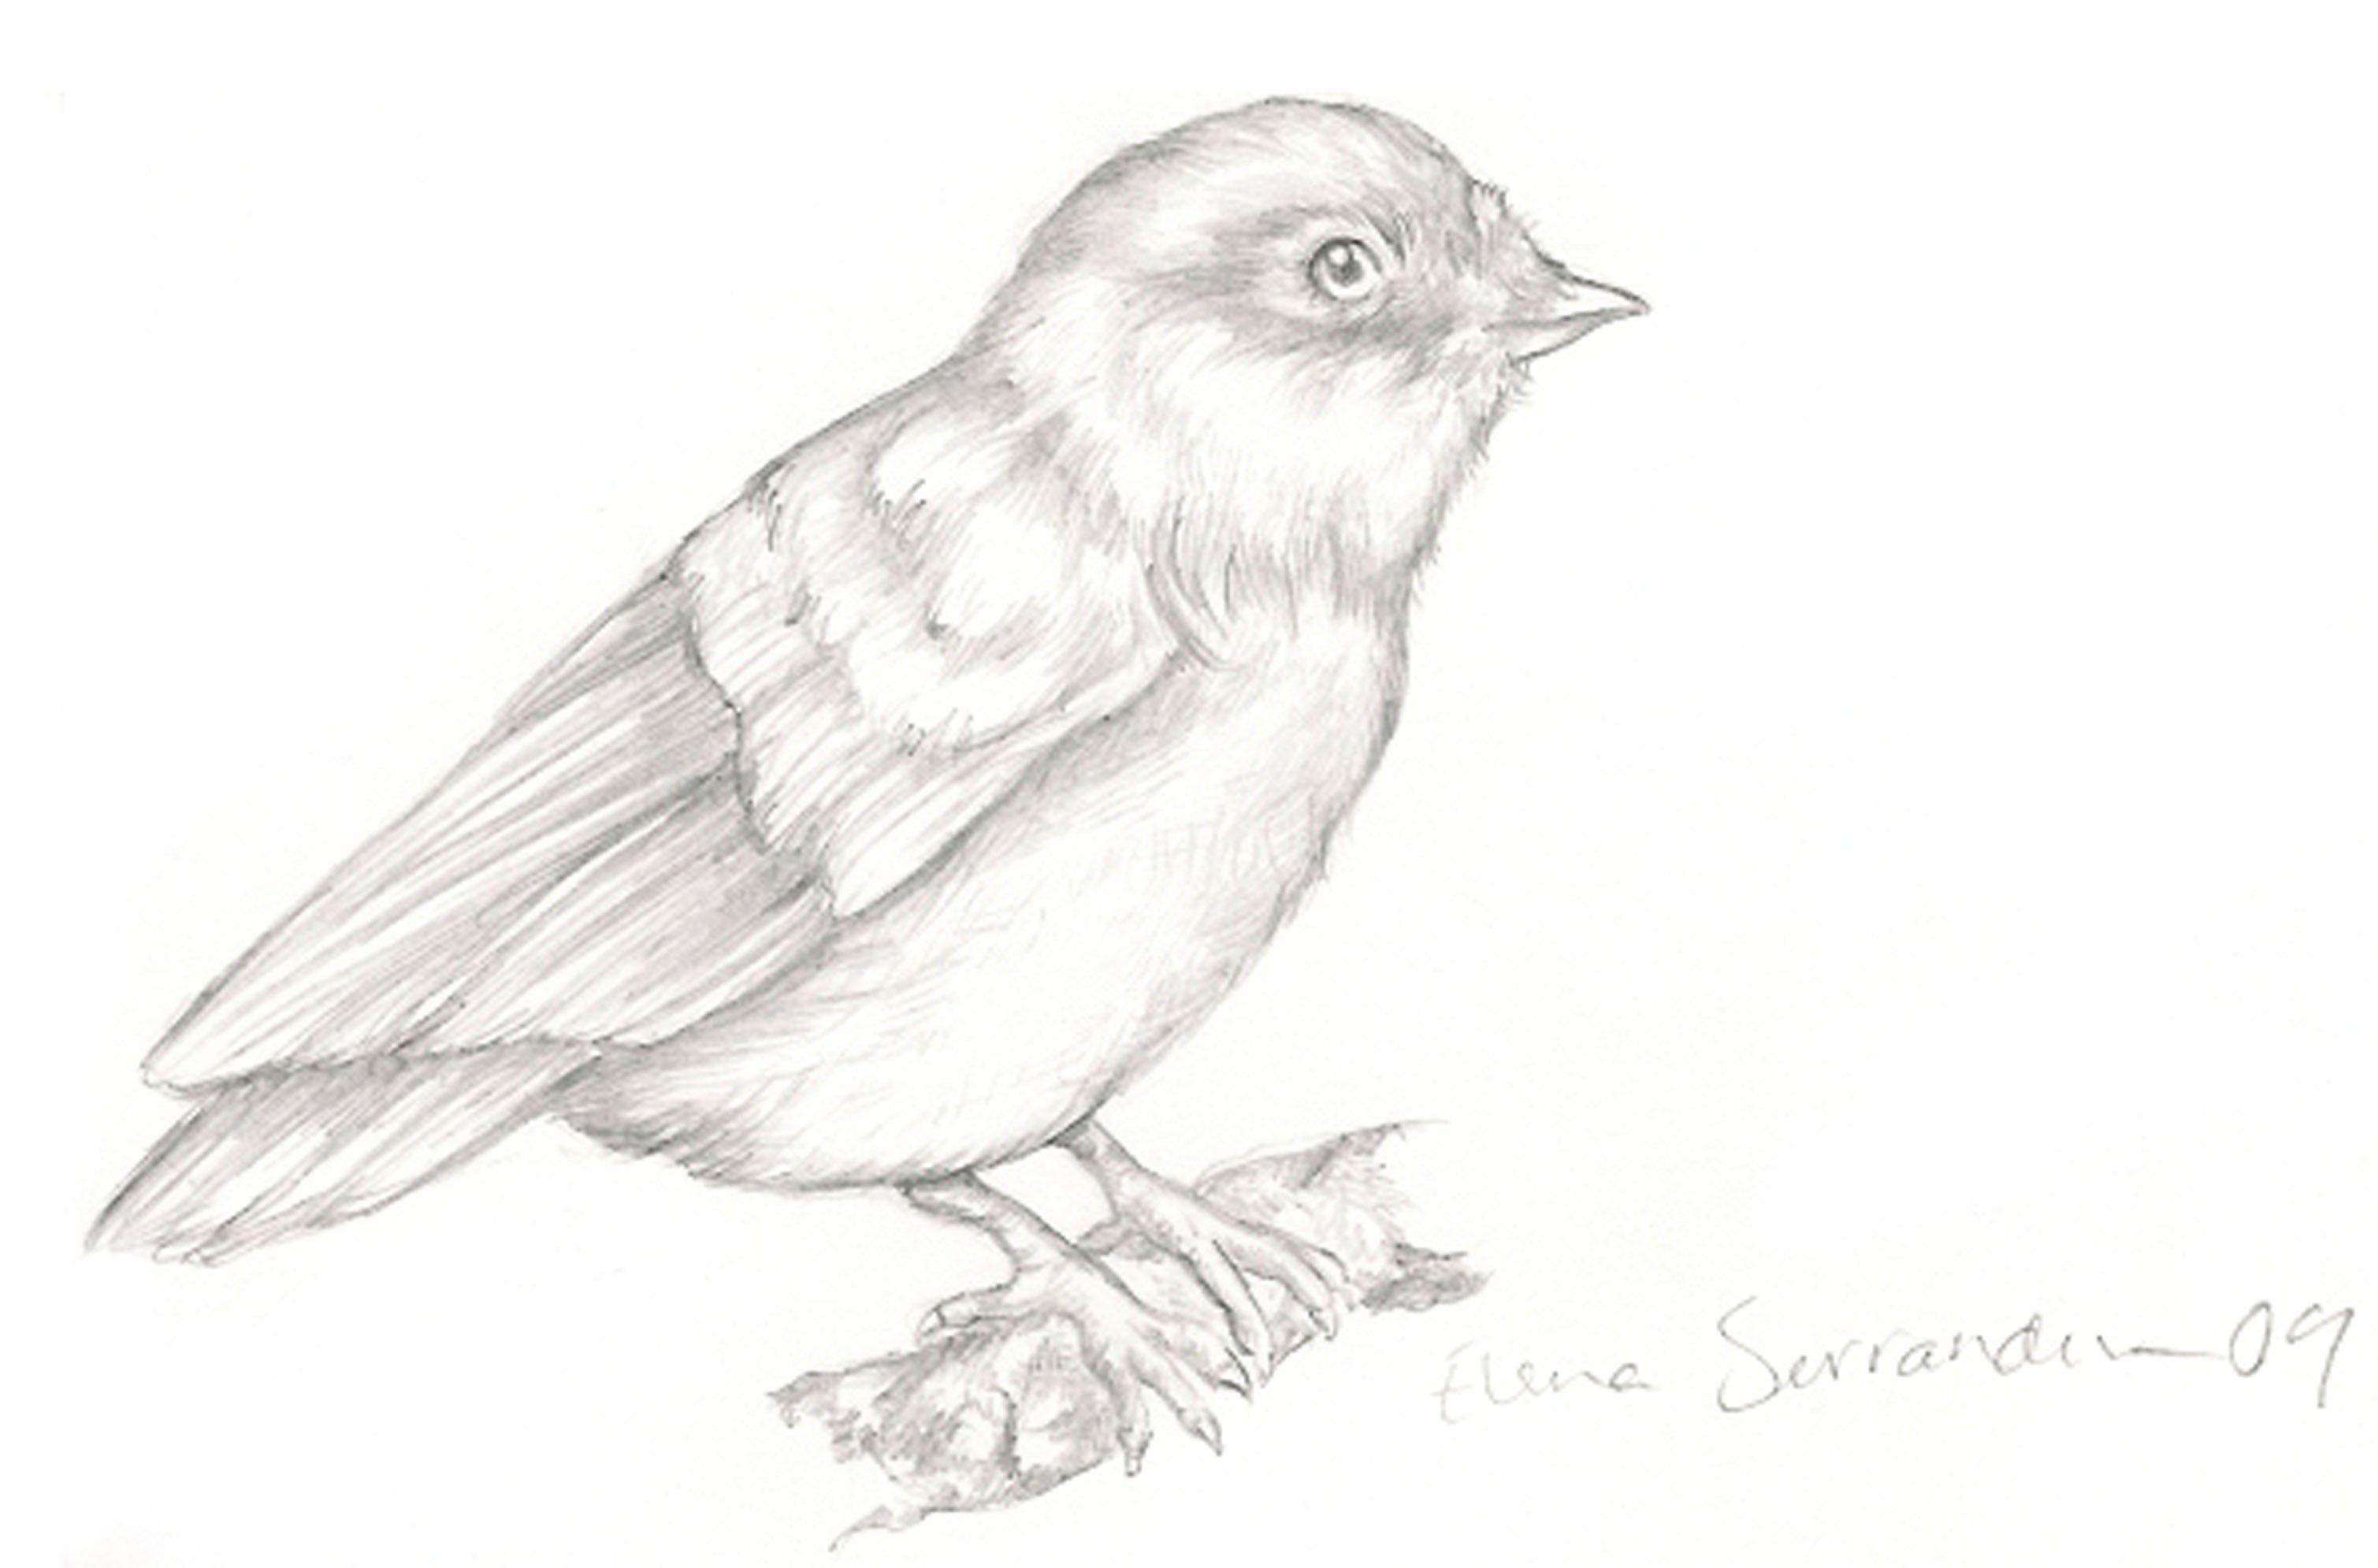 Easy Birds Drawing - HD Photos Gallery